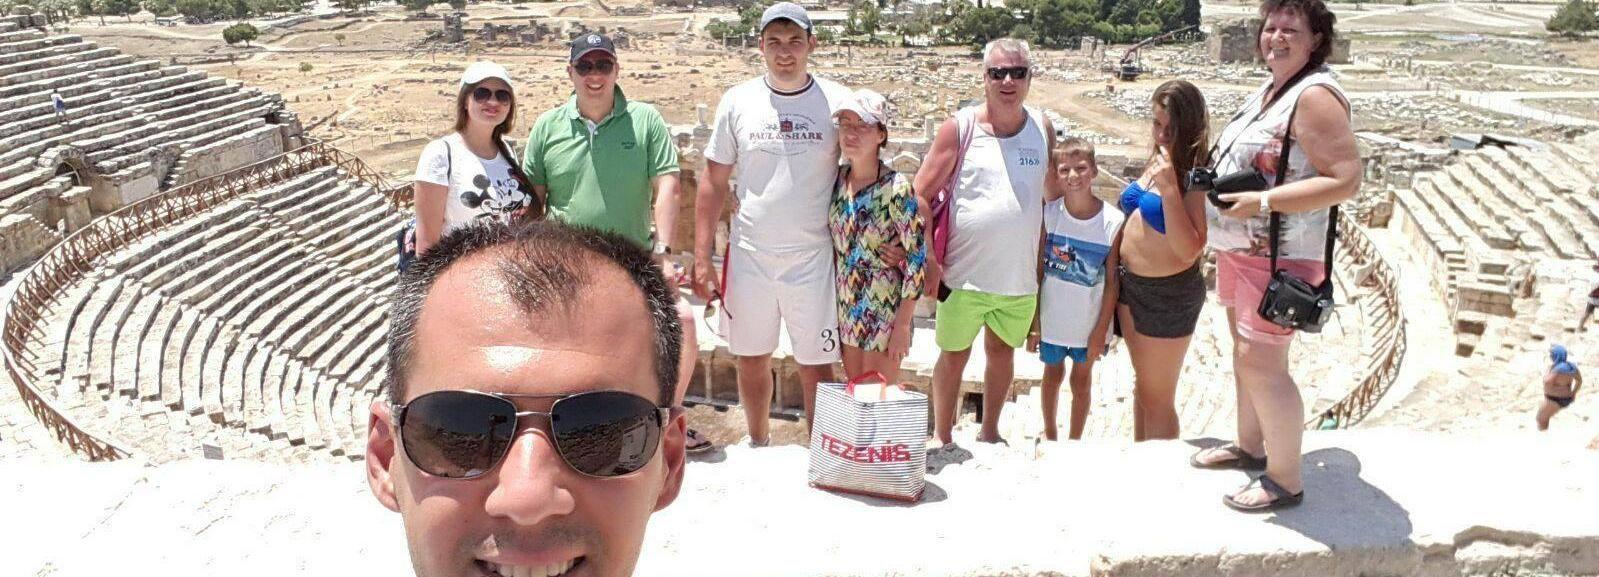 Pamukkale Small Group Tour from Kusadasi